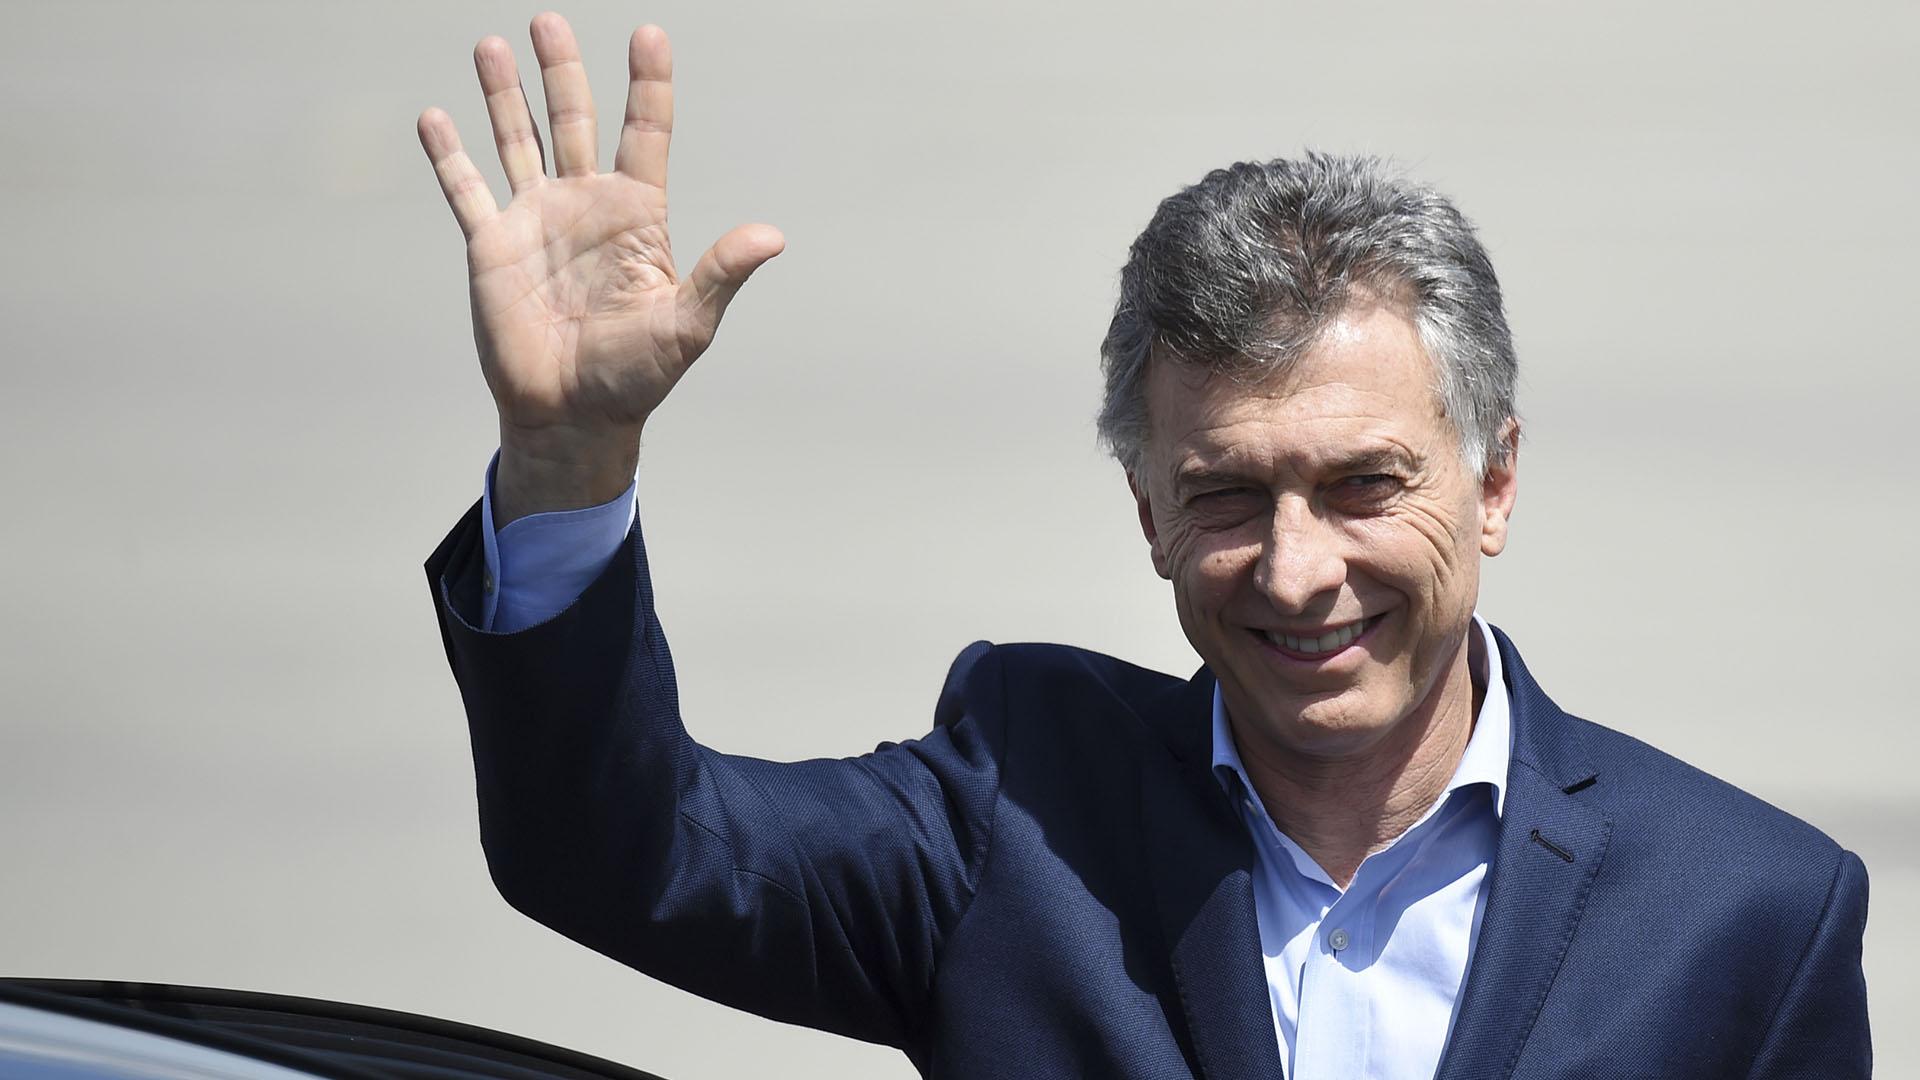 El Presidente argentino mantendrá reuniones con la británica Theresa May y el francés Emmanuel Macron